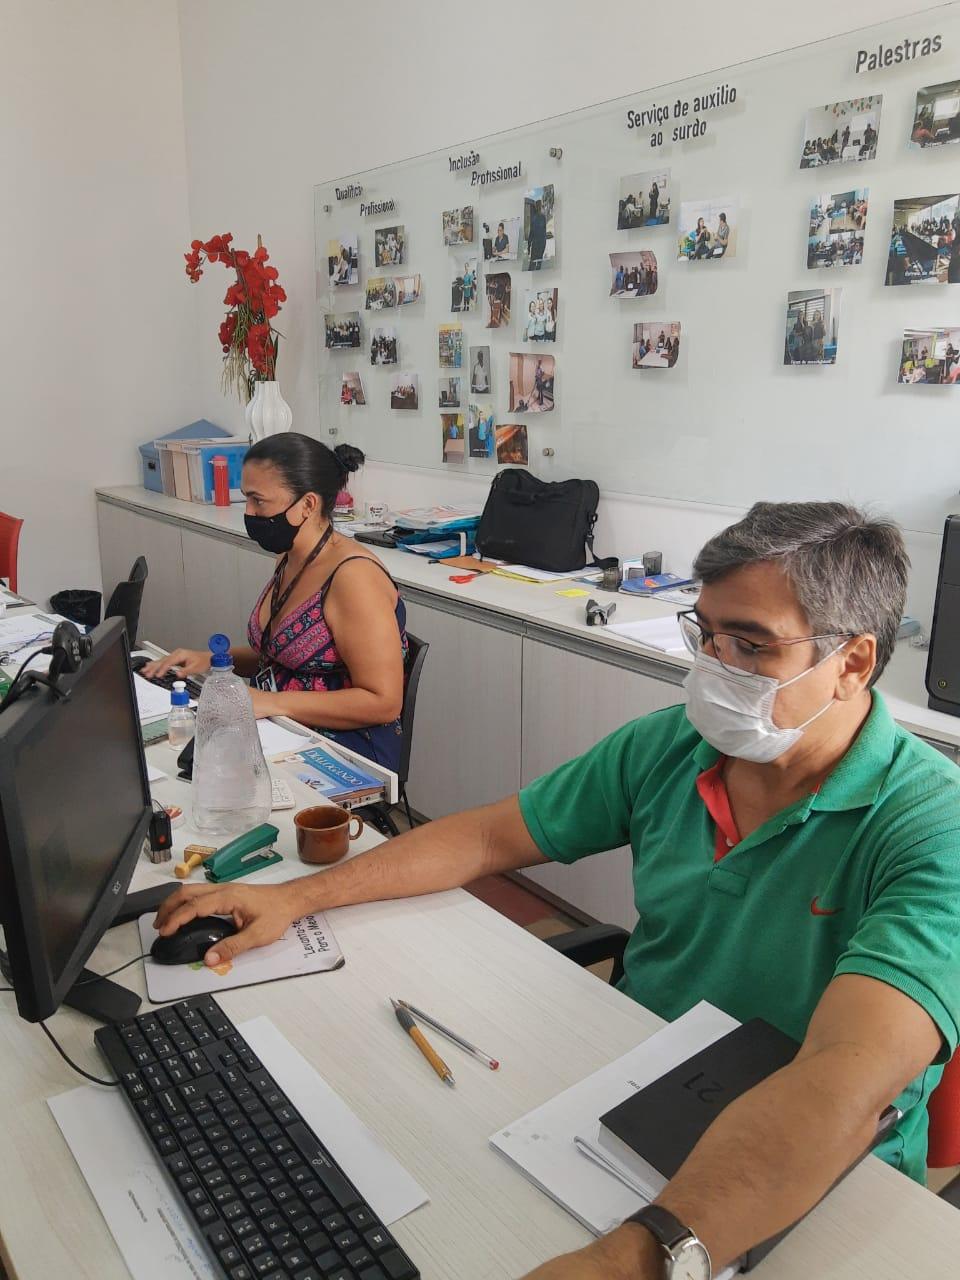 Projeto Trabalho Acessívelbusca fortalecer o banco de talentos do serviço Levanta-te. (Foto: Divulgação)